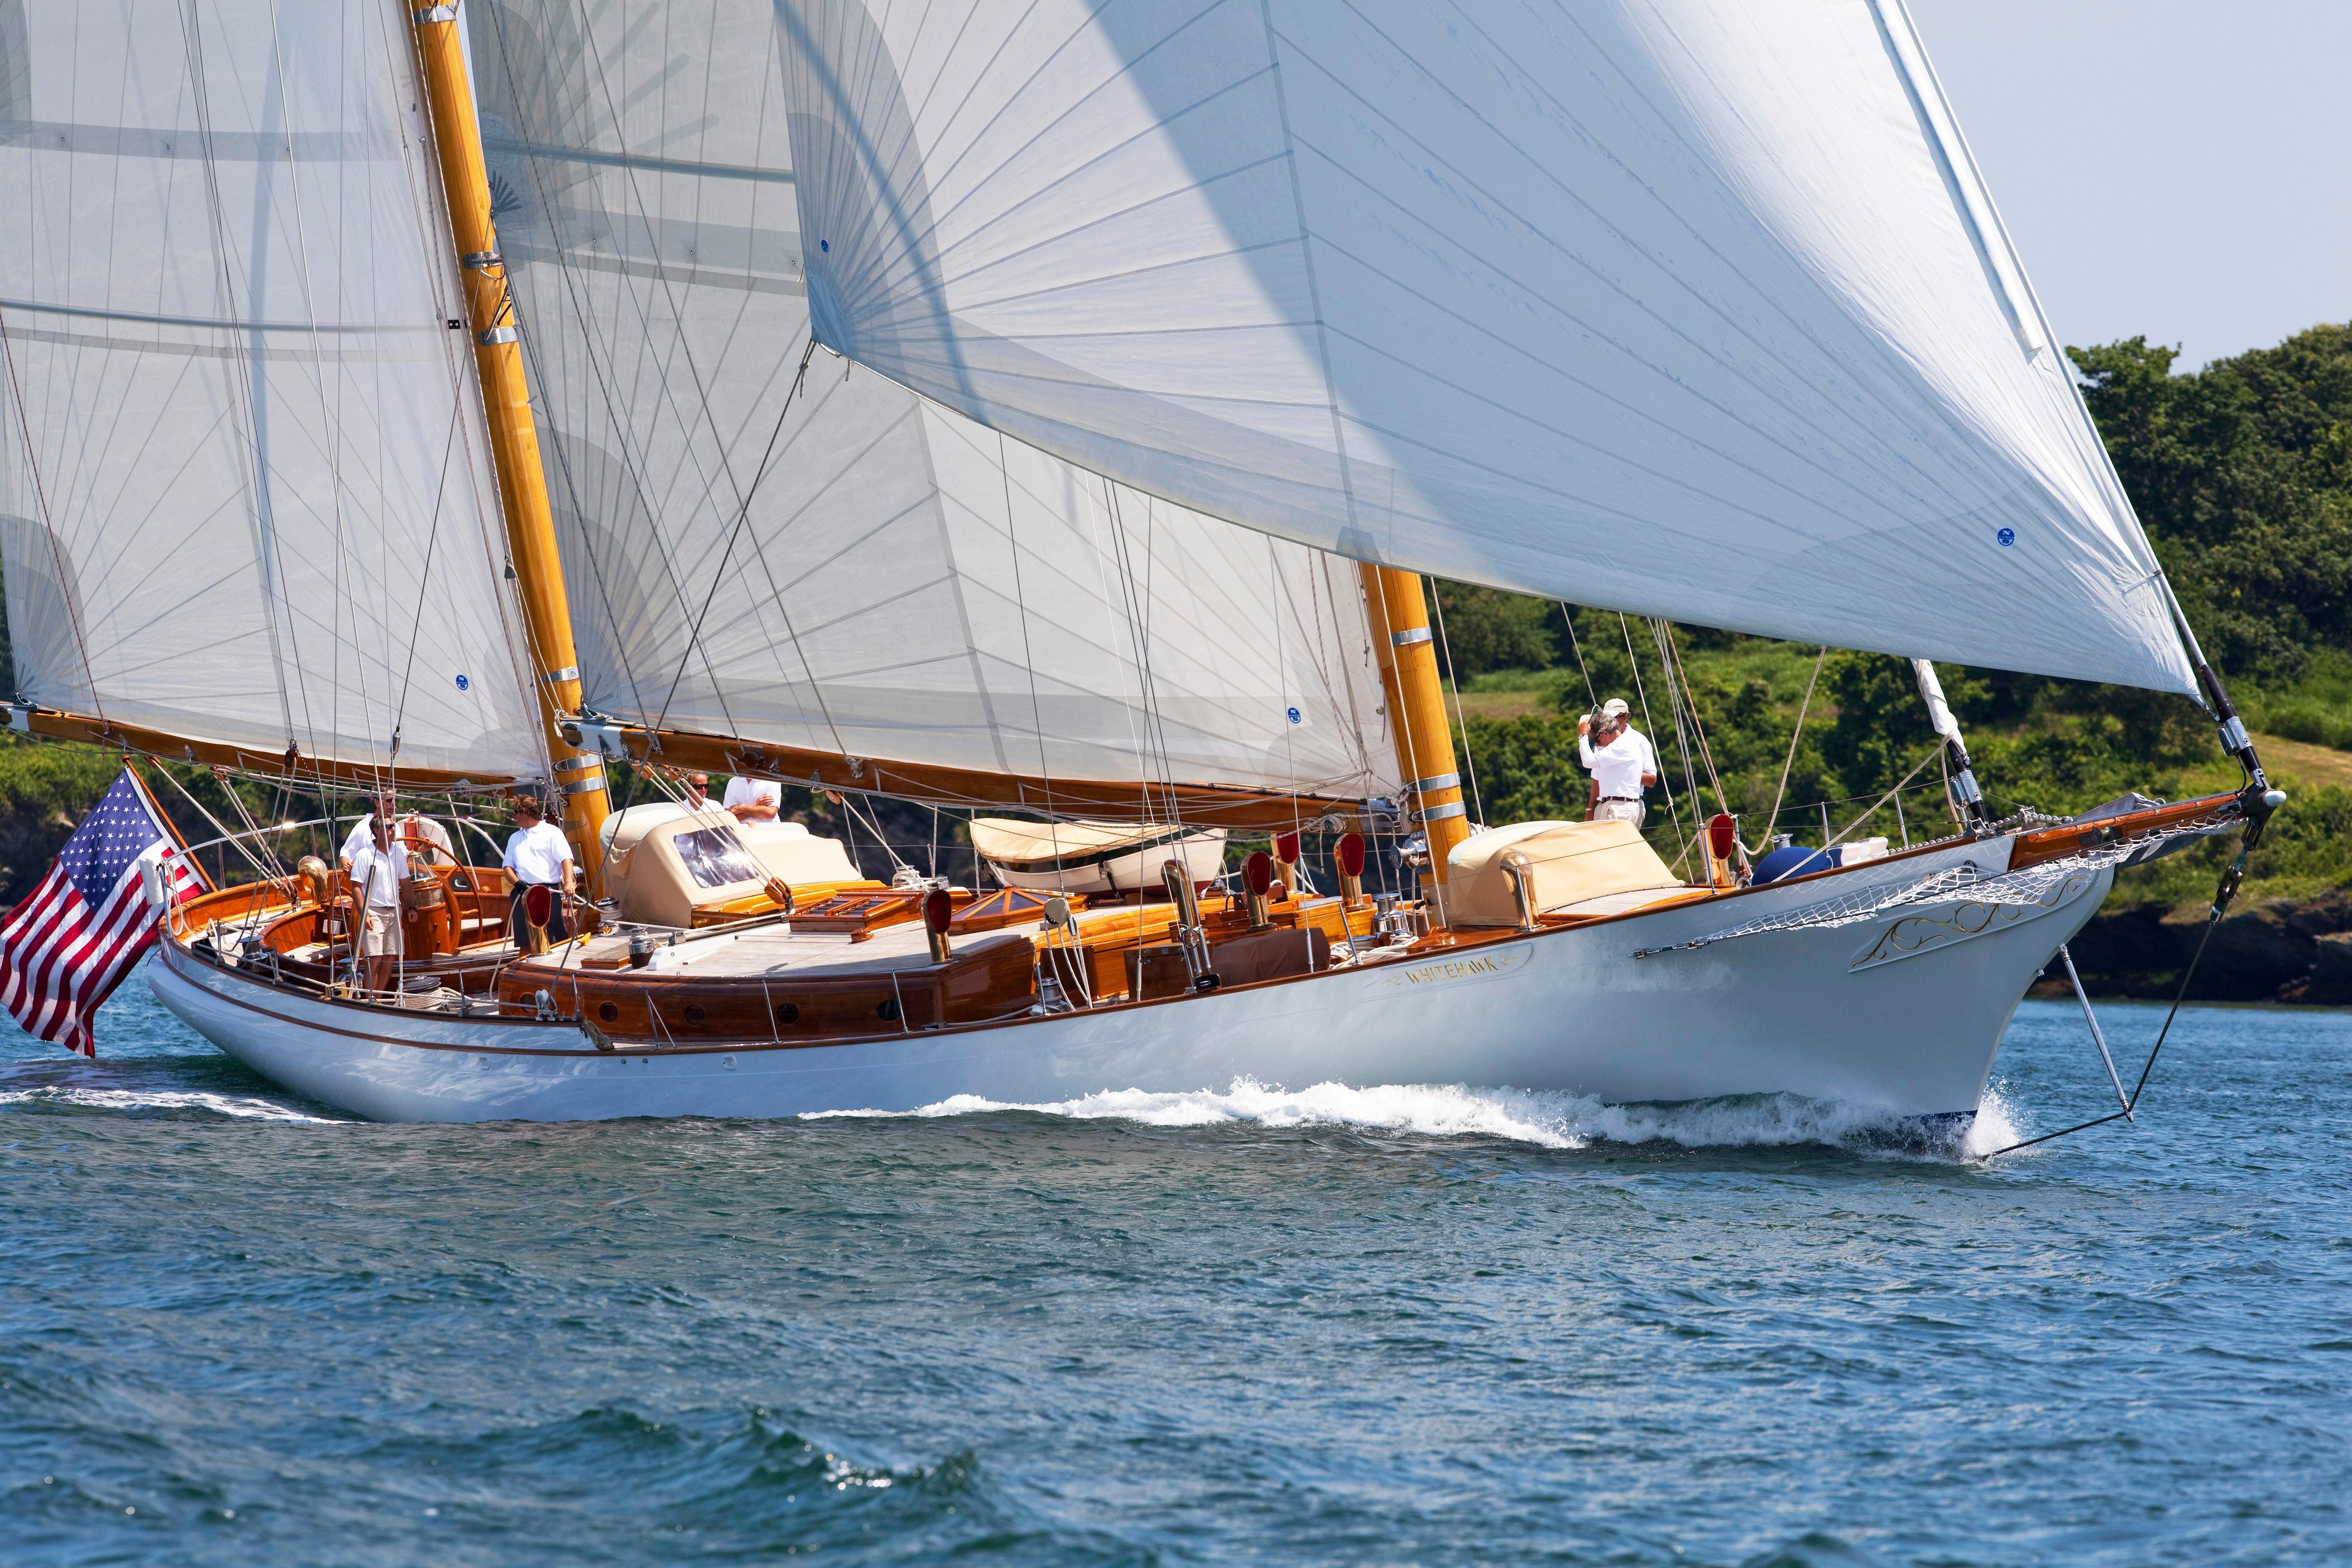 1978 O Lie Neilsen Custom Sail Boat For Sale Www